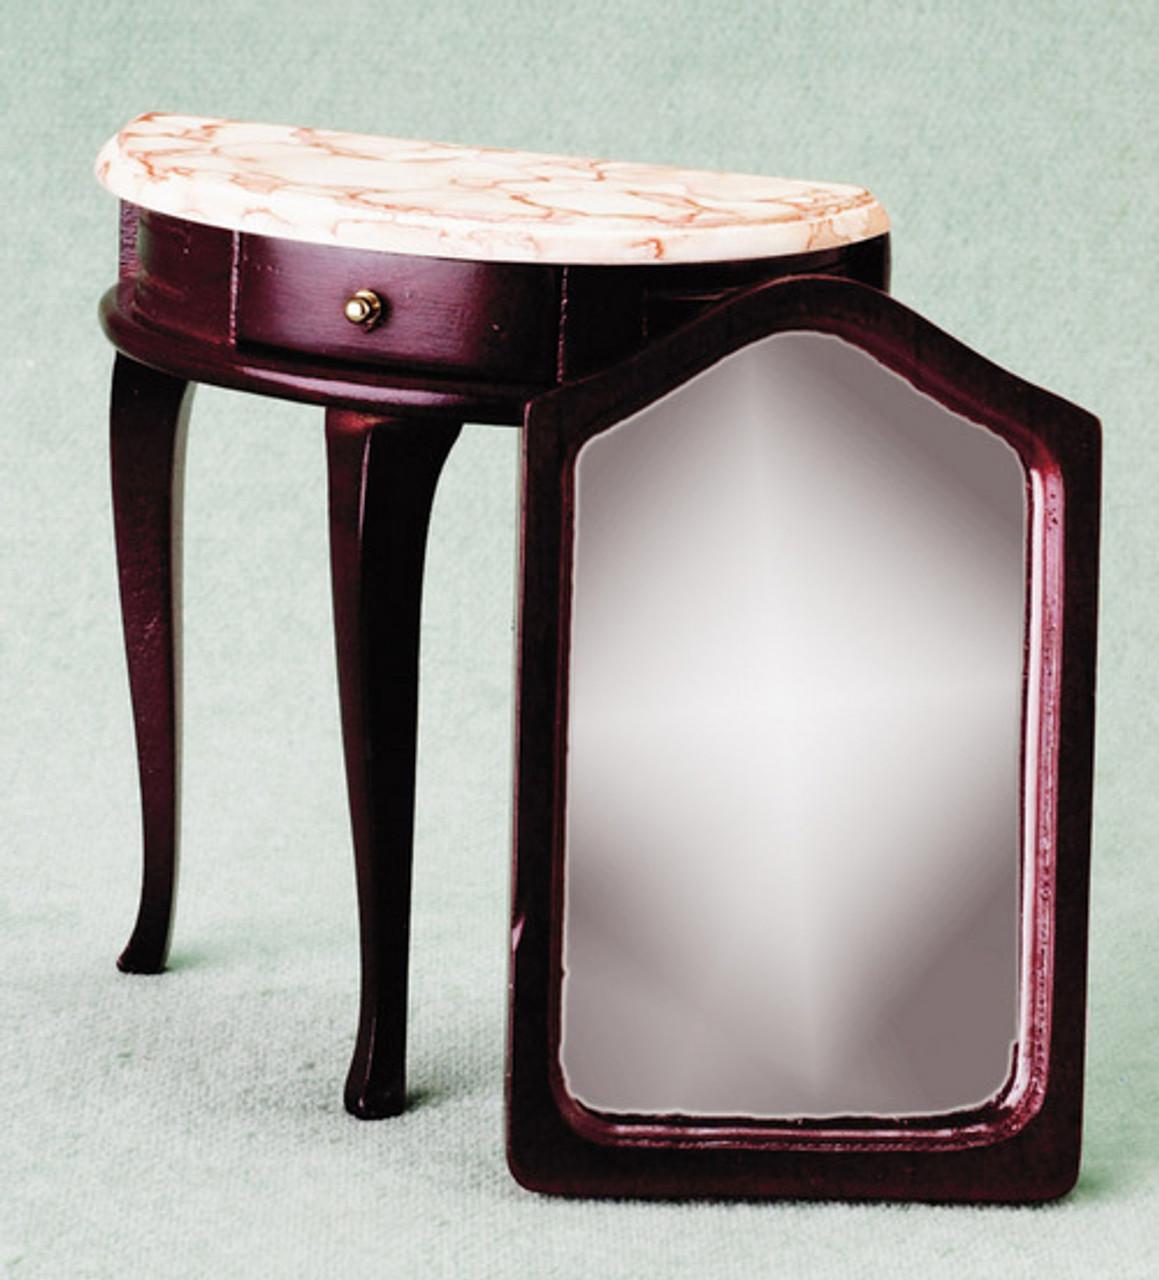 Demi Table with Mirror - Mahogany